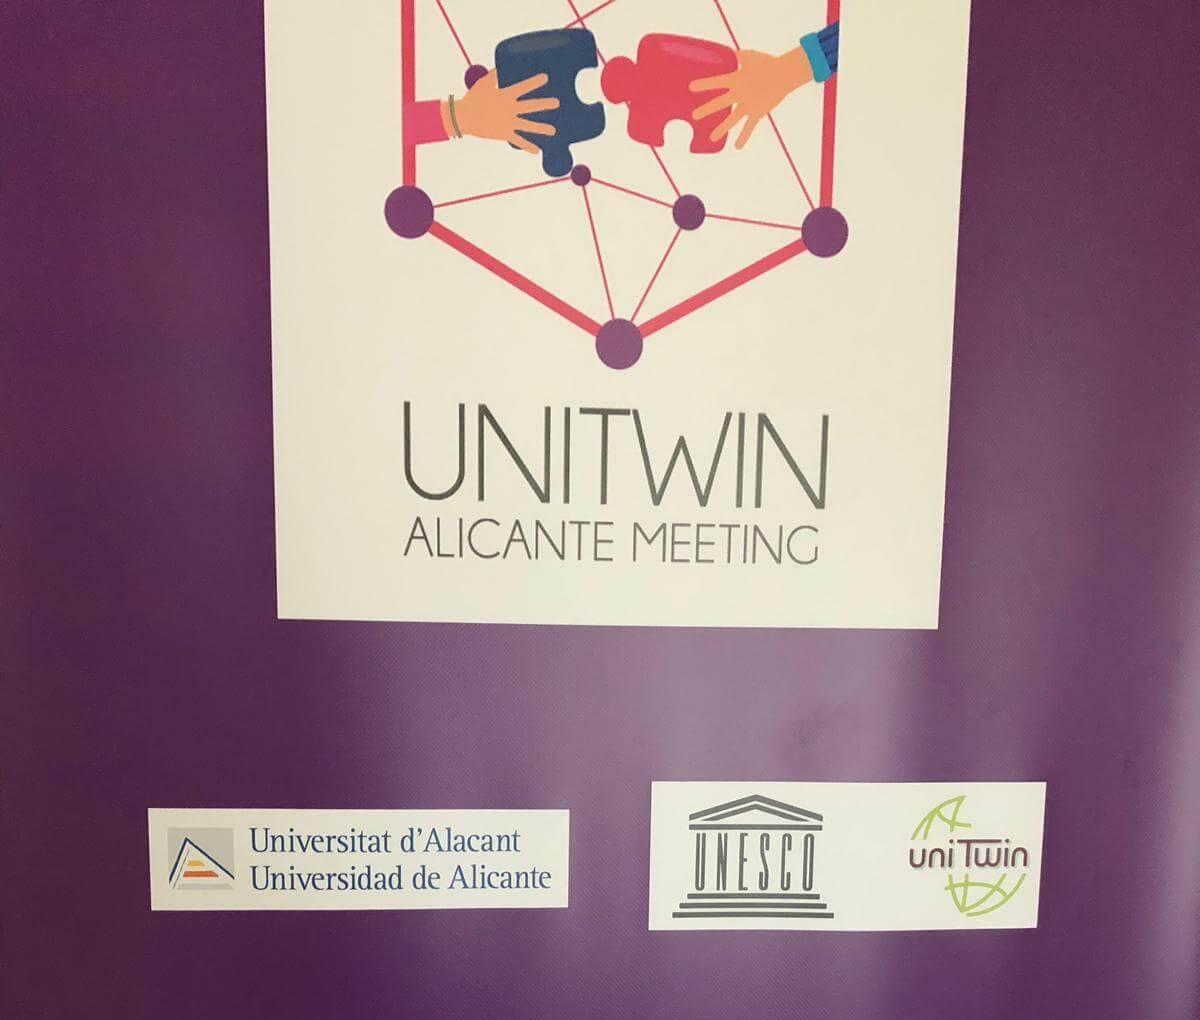 Site by Site UniTwin Alicante 2019